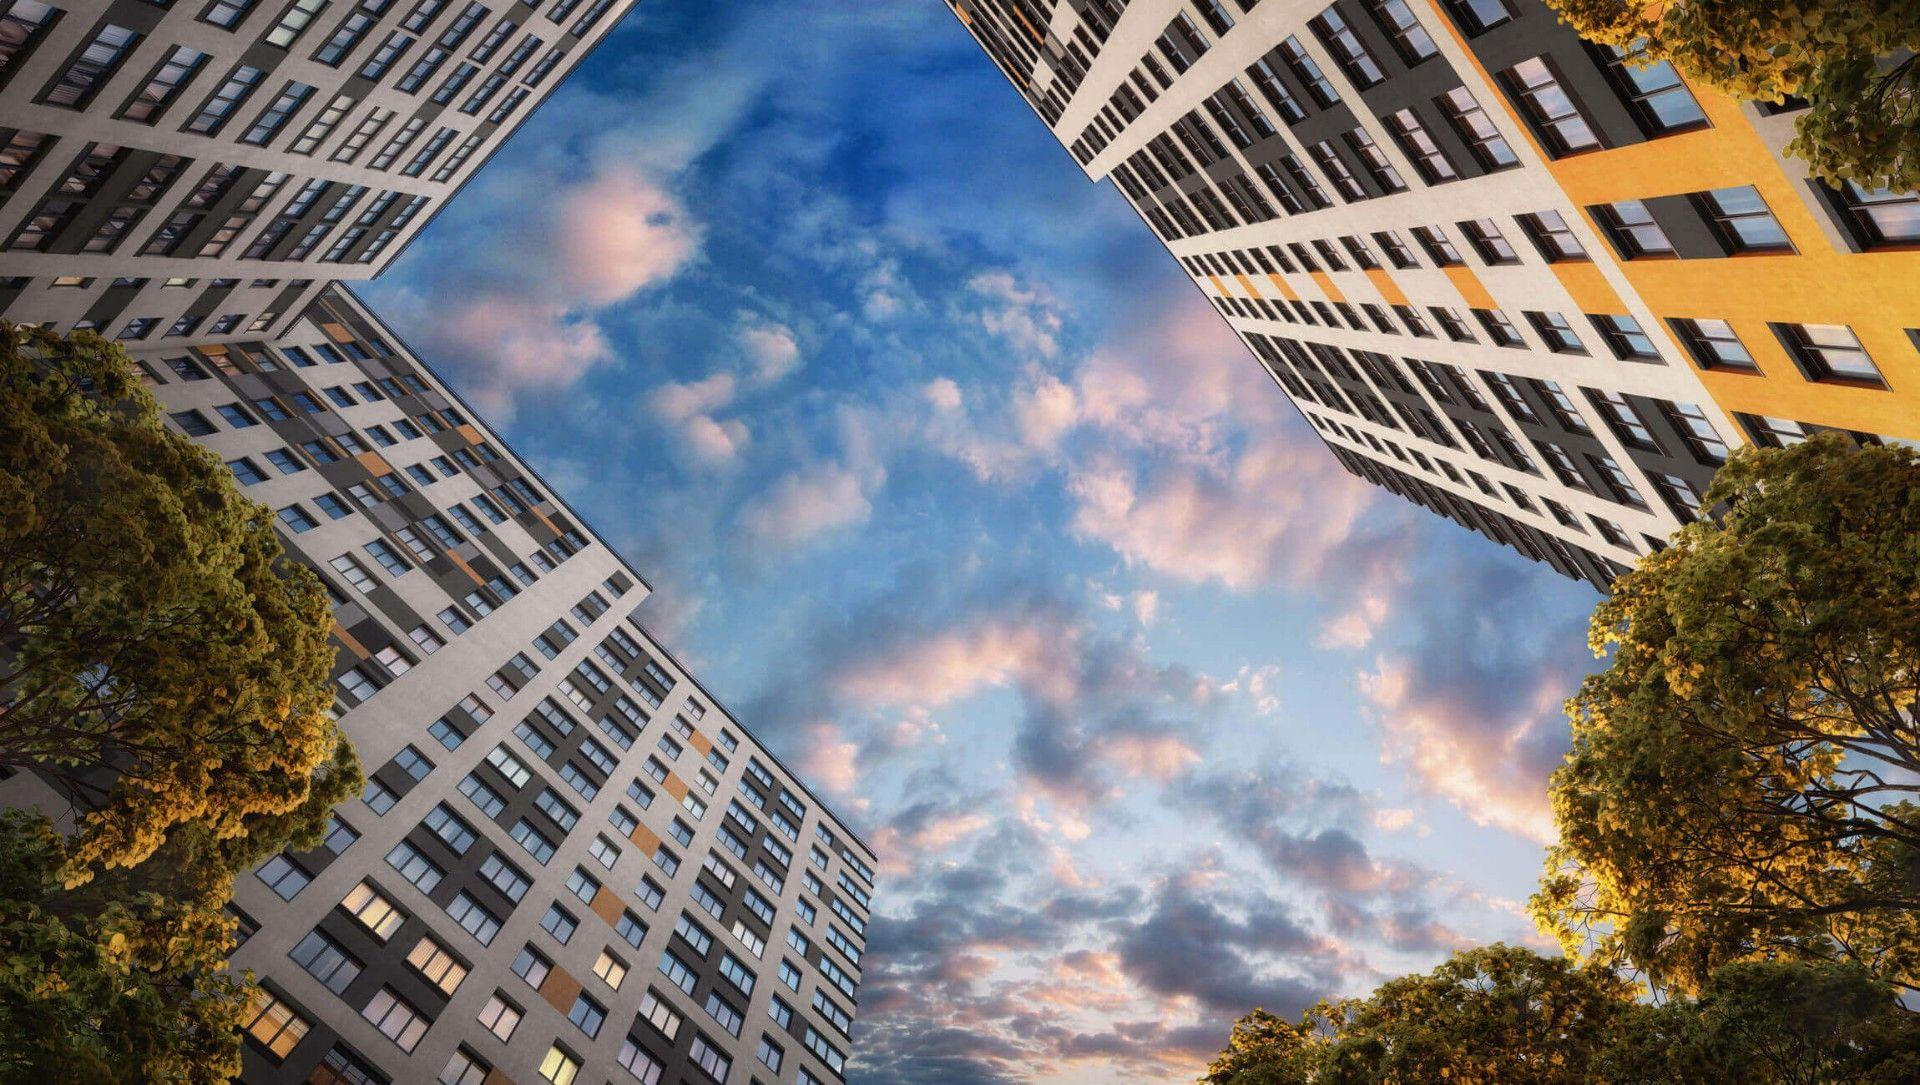 купить квартиру в ЖК Инвест-отель Про.Молодость (Апартаменты Про.Молодость)